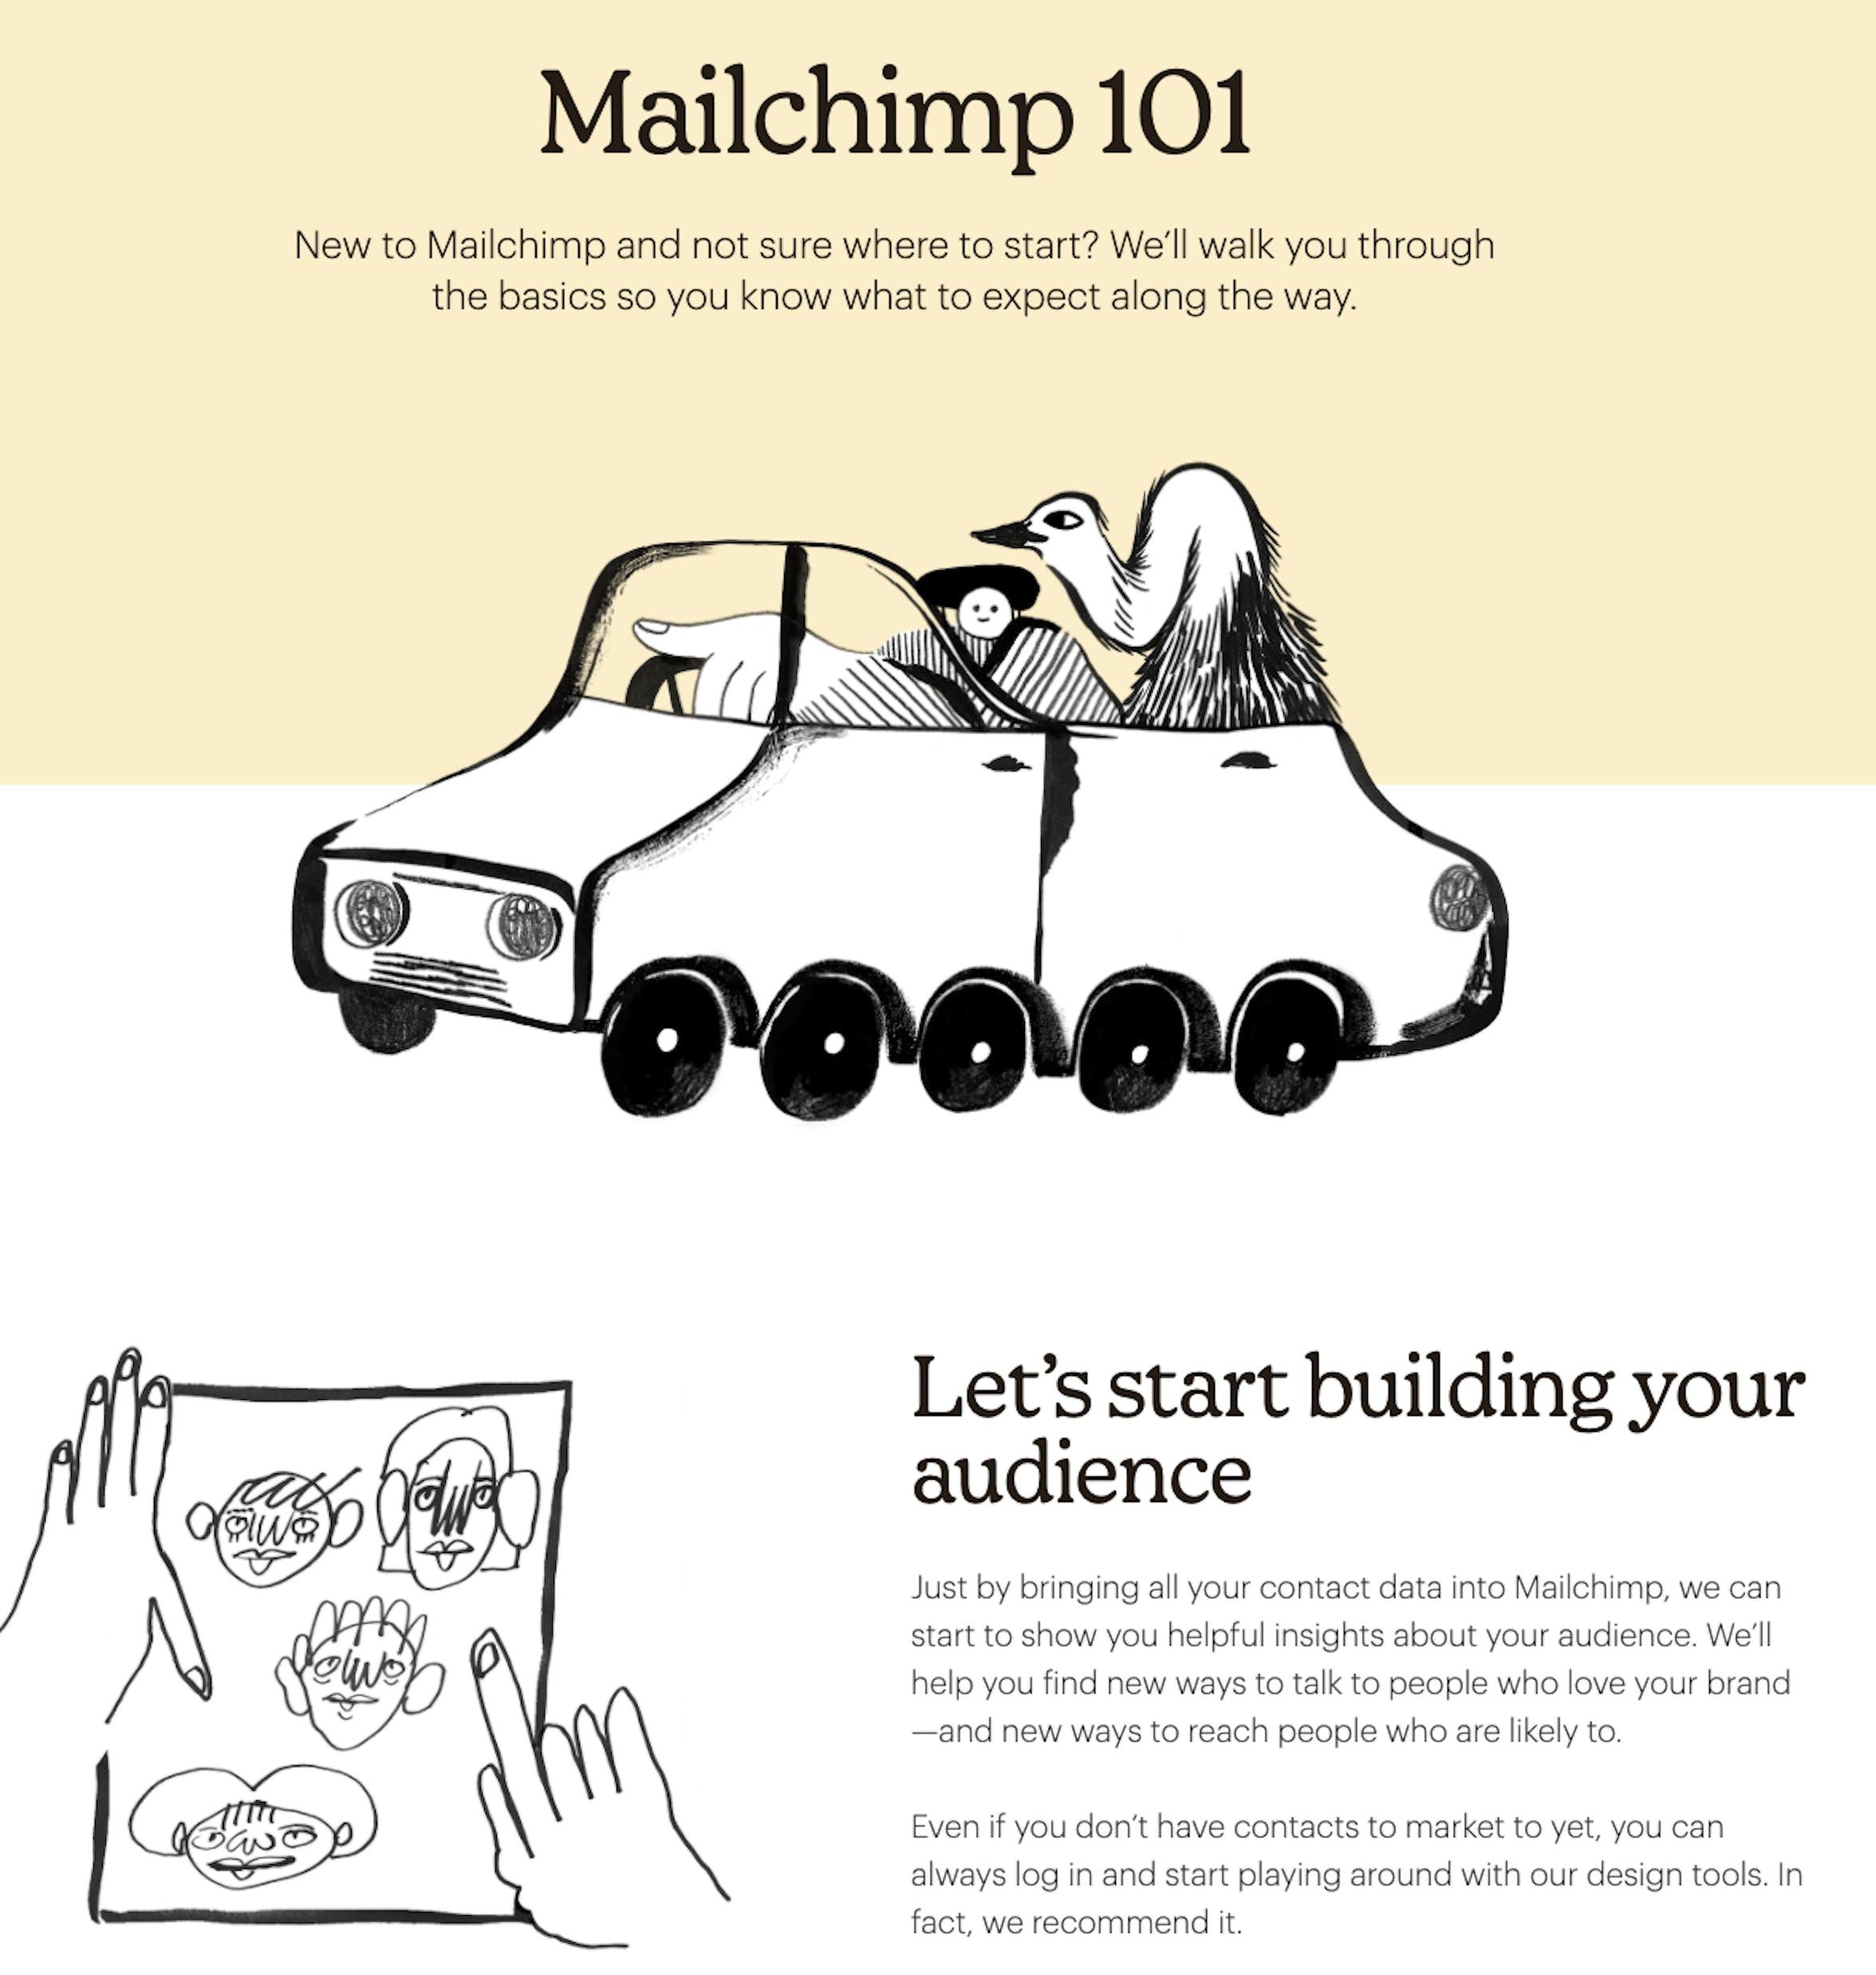 mailchimp's mailchimp 101 page